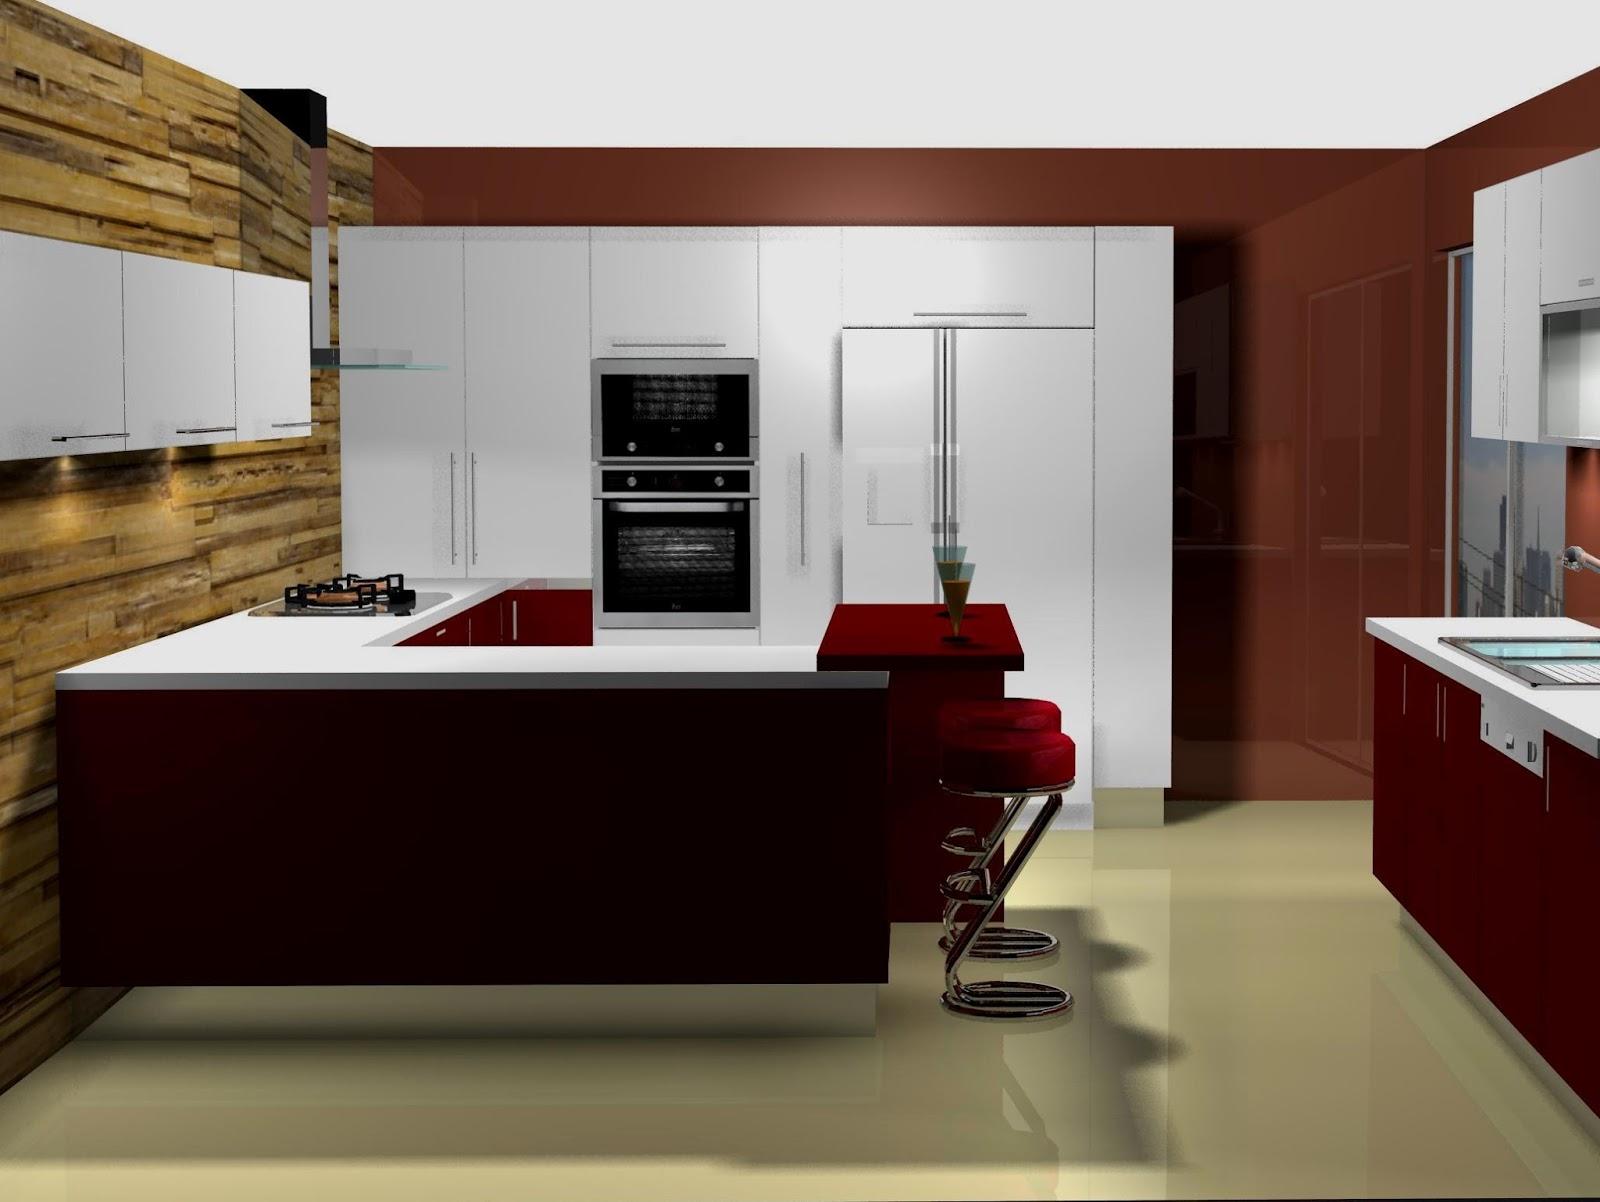 muebles de cocina de diseno italiano diseo muebles de cocina diseo de cocina en blanco